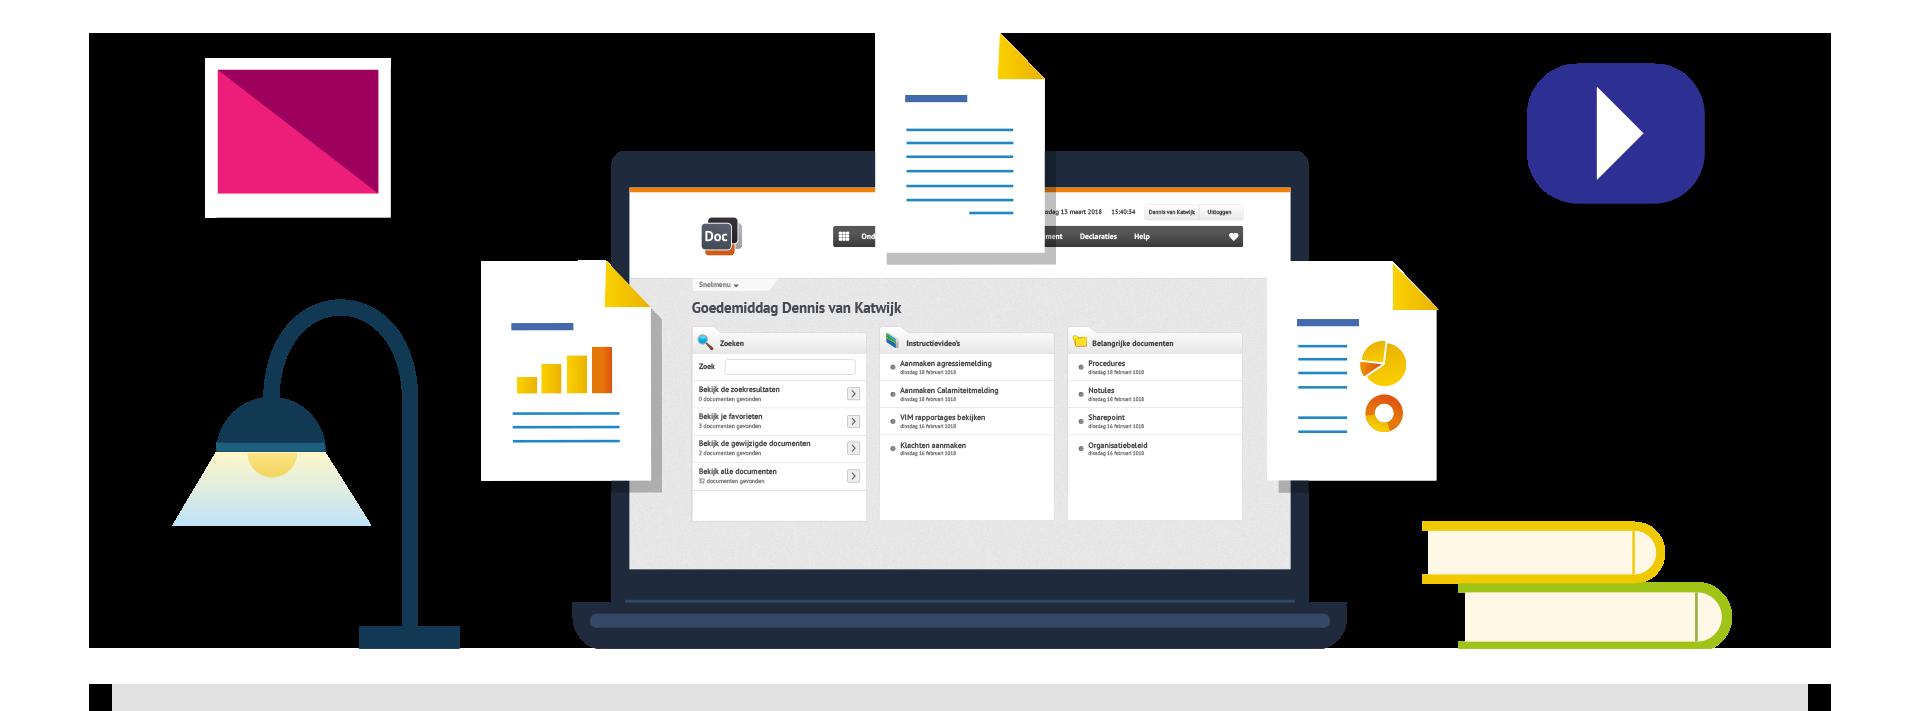 Doc - Beheer uw organisatiedocumenten en formulieren in één systeem